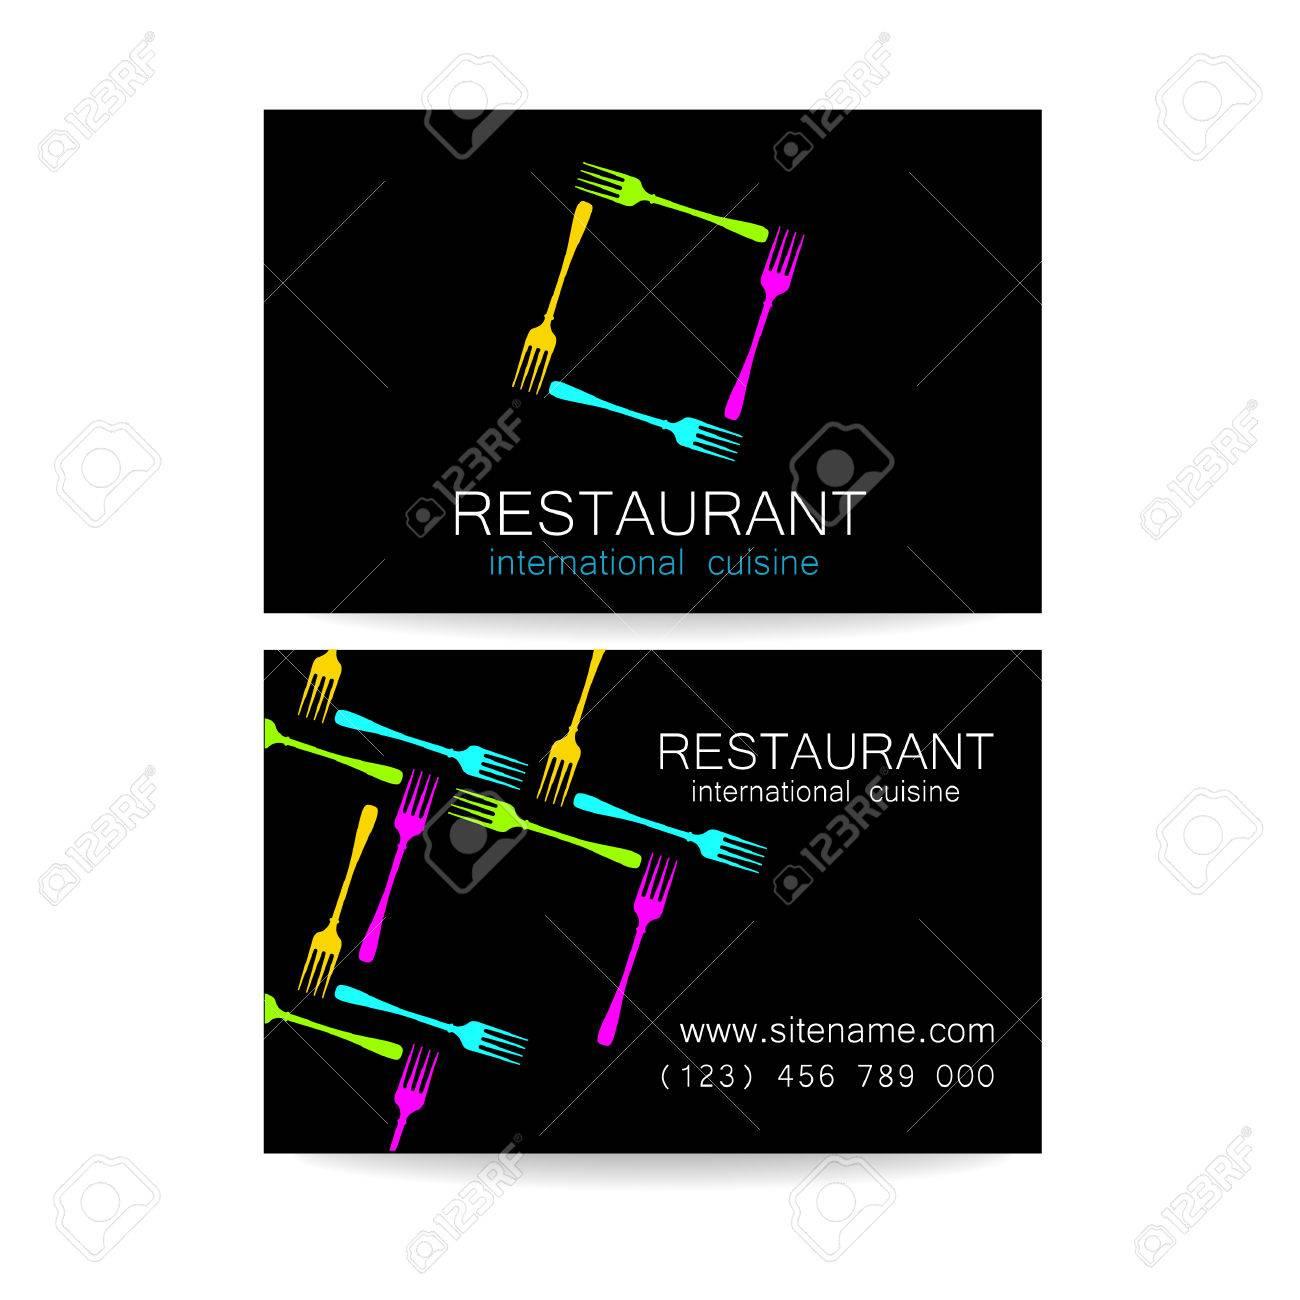 Modele De Conception Le Concept Restaurants Corporatifs Style Servant Une Cuisine Internationale Un Exemple Dune Carte Visite